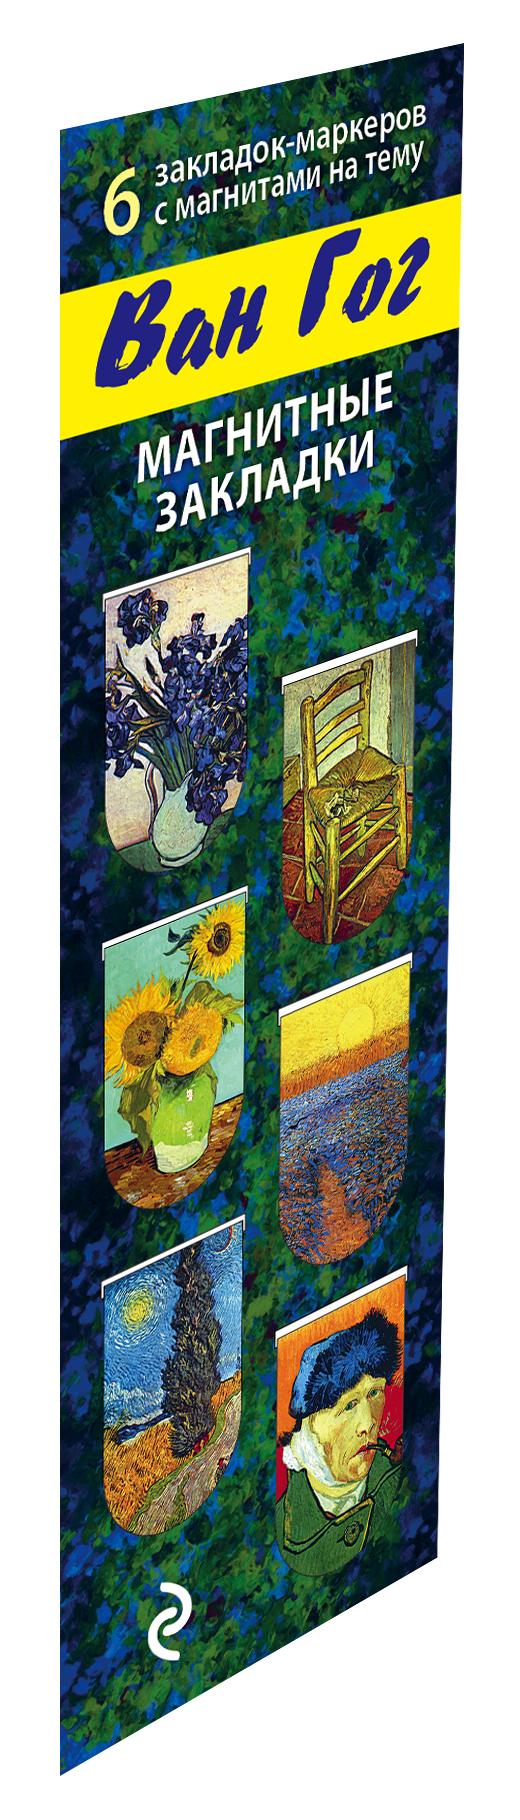 Магнитные закладки. Ван Гог (6 закладок полукругл.) (Арте) блокнот в пластиковой обложке ван гог цветущие ветки миндаля формат малый 64 страницы арте